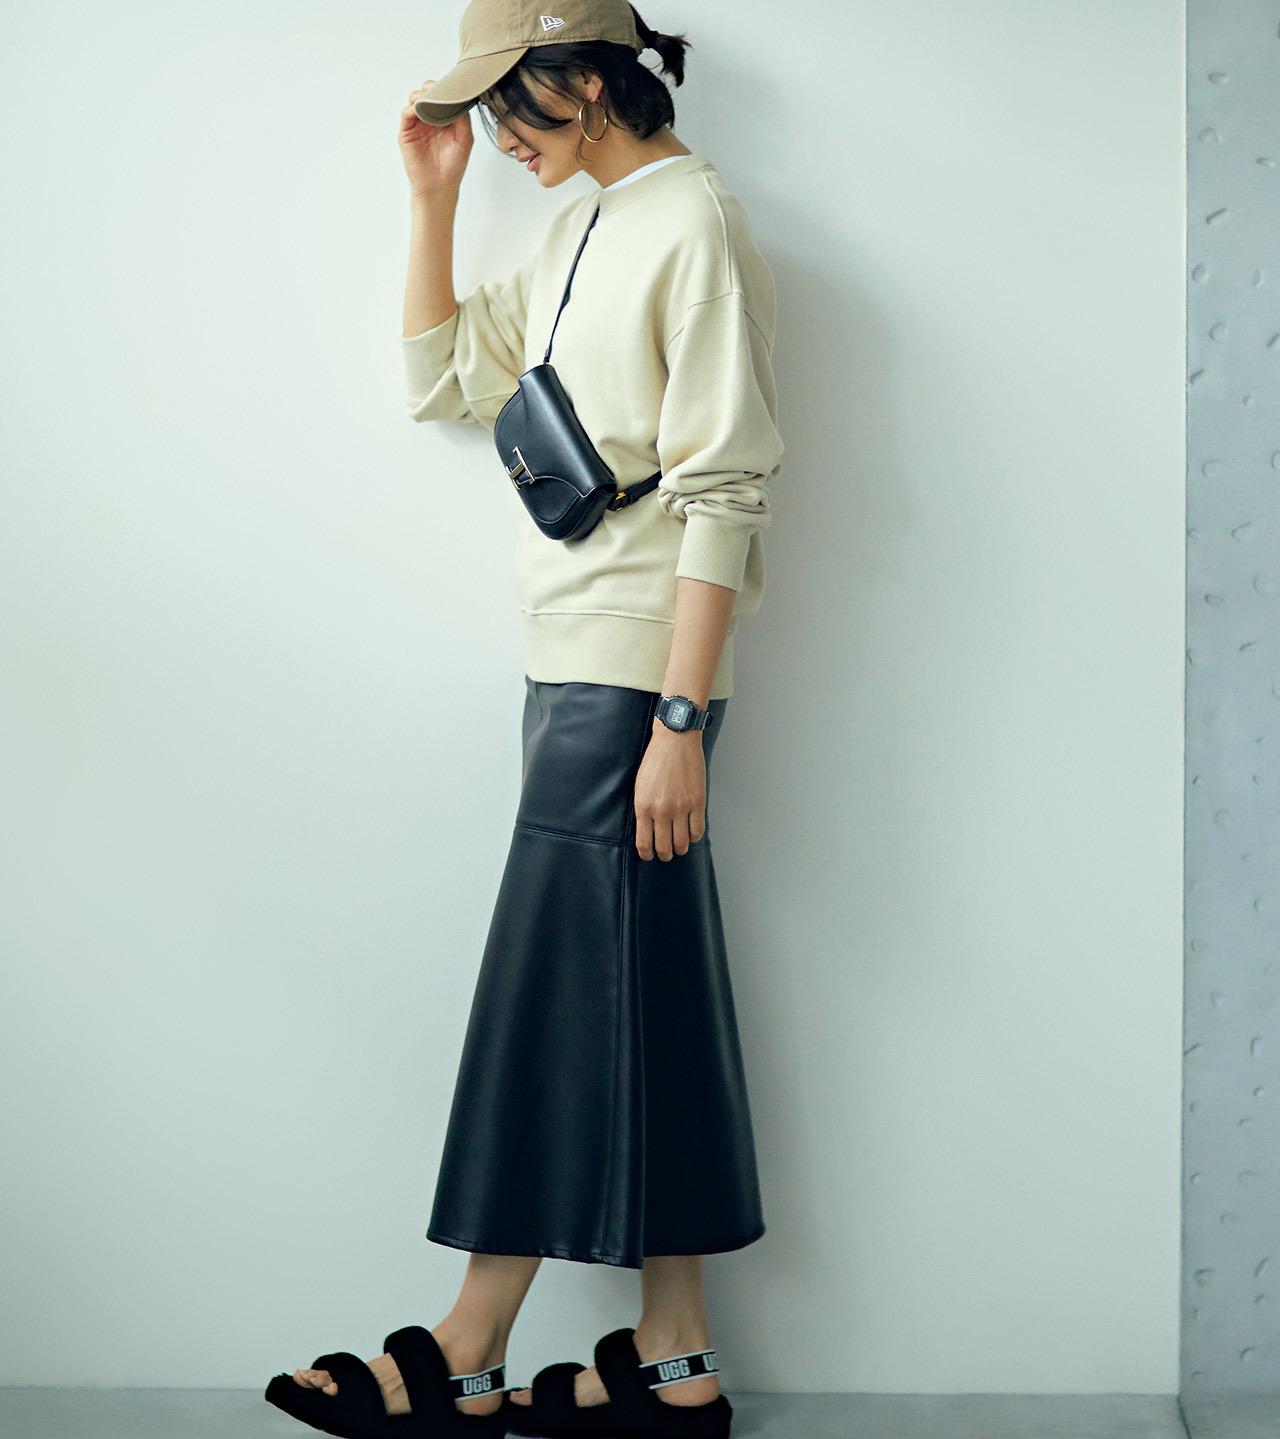 スウェット×レザースカートコーデを着たモデルの渡辺佳子さん